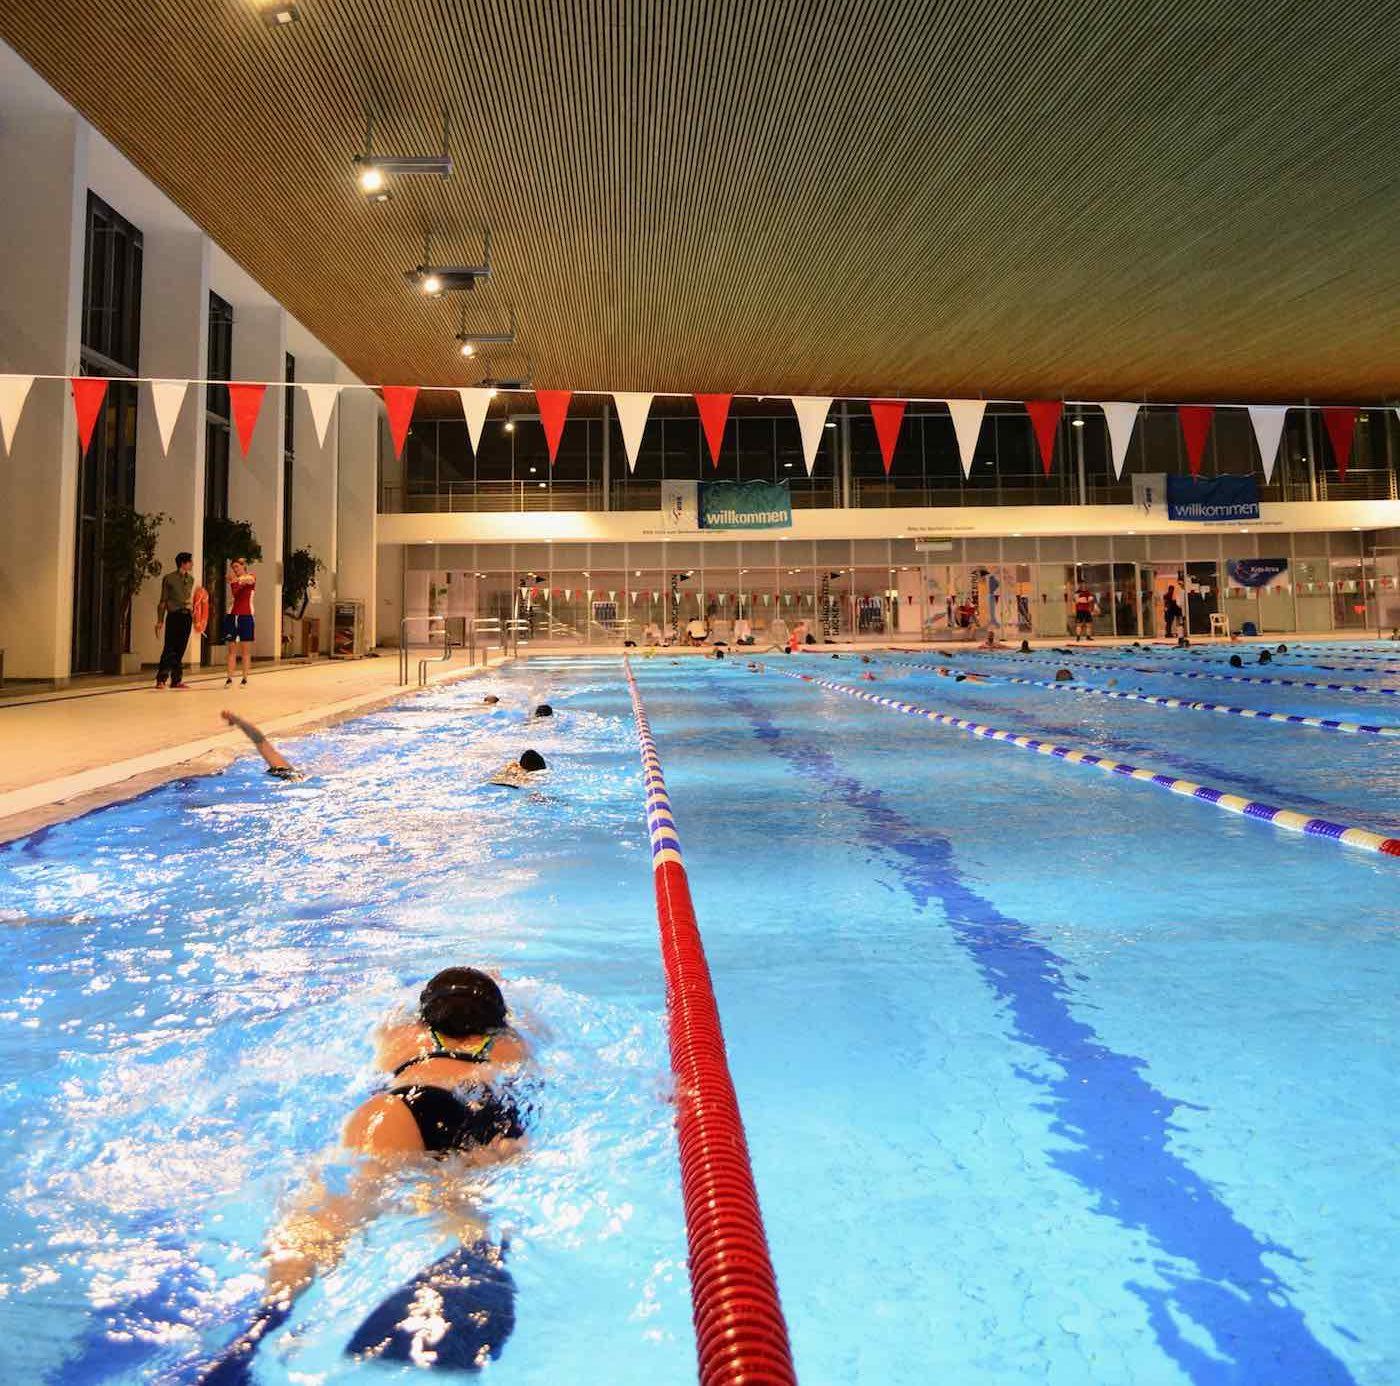 Schwimmen im SSE an der Landsberger Allee | berlinmitkind.de